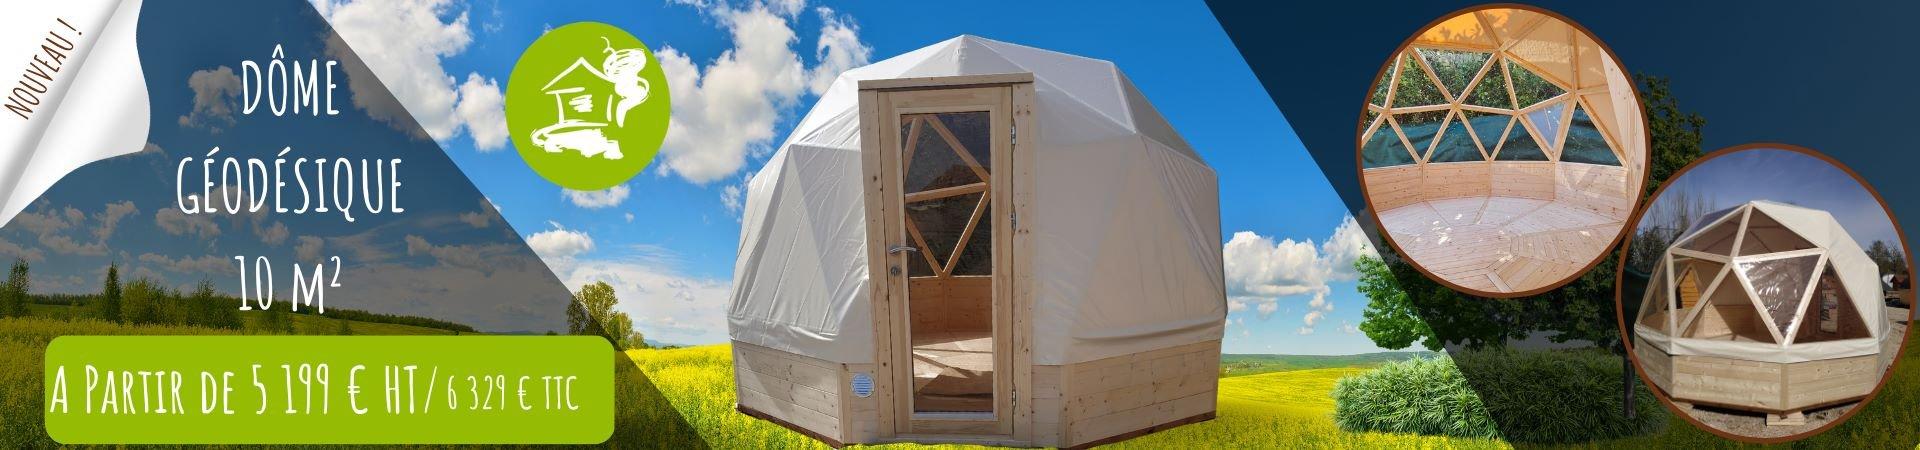 Abri De Jardin Atypique drôle de cabane – vente d'abris de jardin ludiques, cabanes